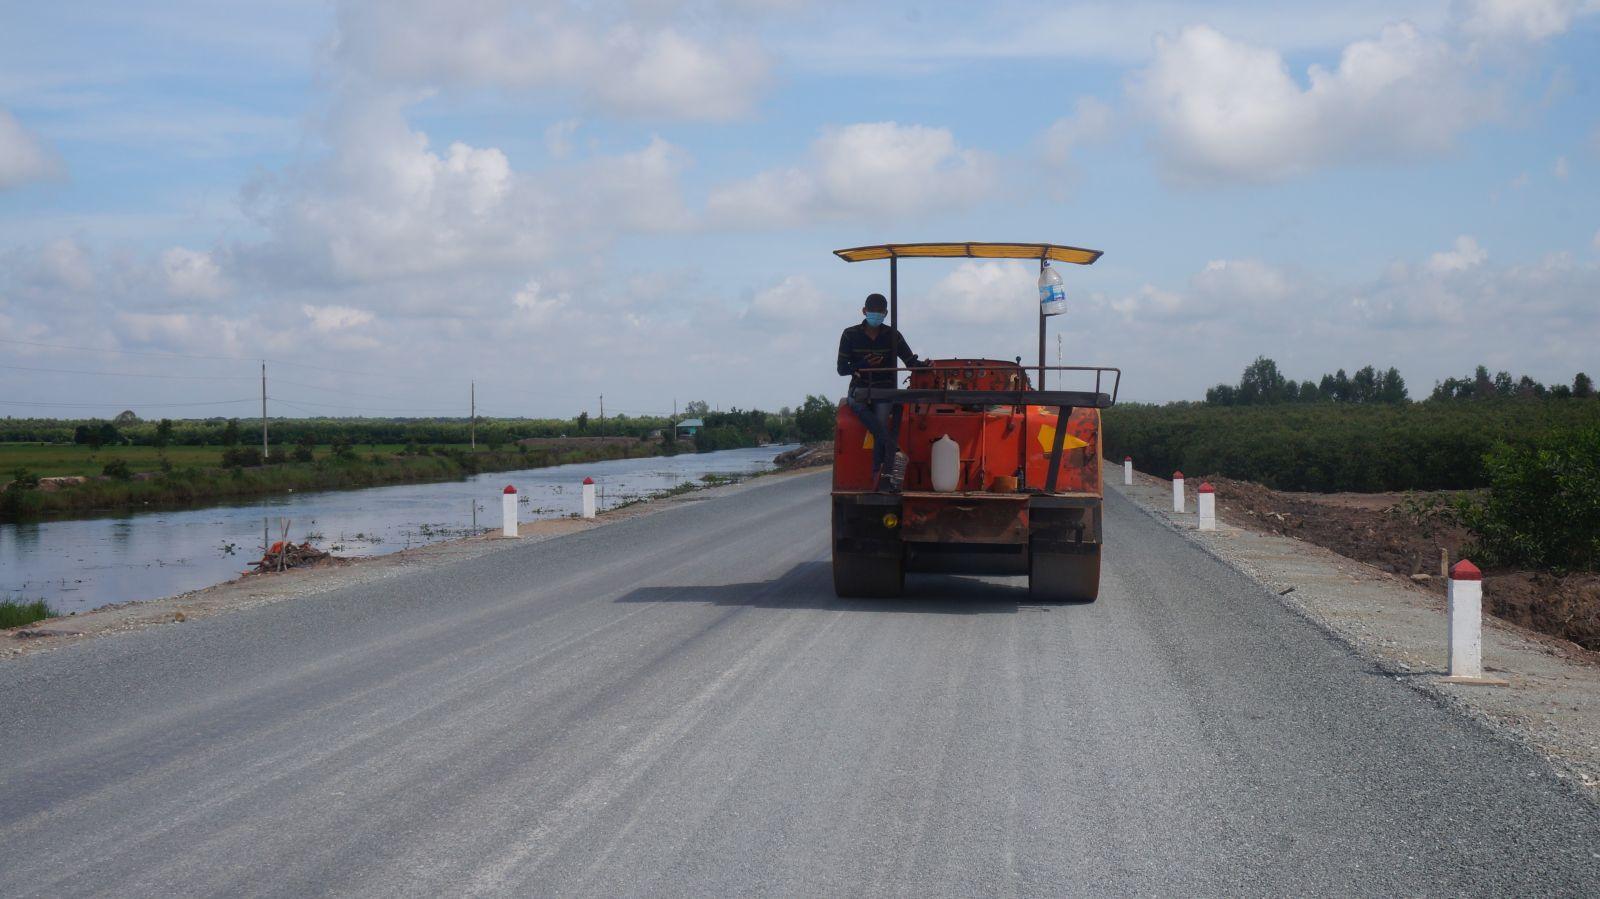 Hạ tầng giao thông nông thôn ở huyện đã thay đổi nhiều so với vài năm trước